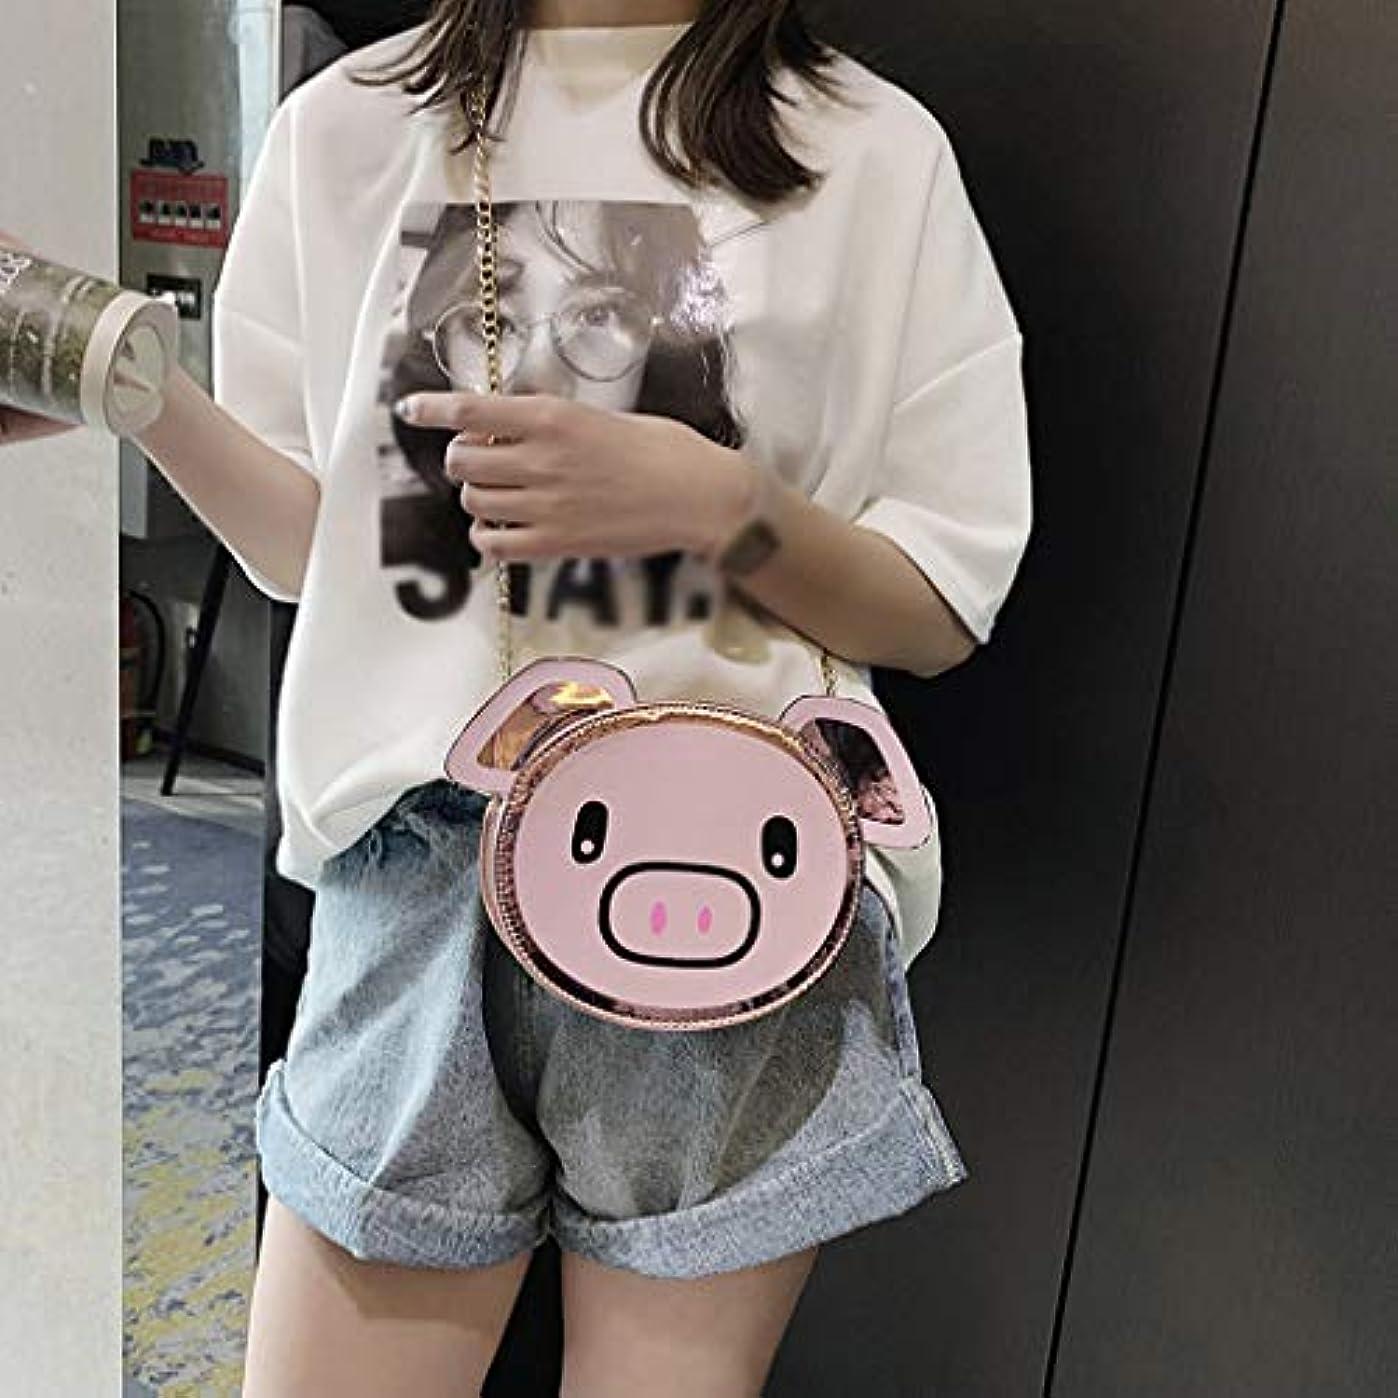 くすぐったいそれるランチファッション女の子革チェーン野生のかわいい漫画豚肩メッセンジャーバッグ、女の子チェーン野生のかわいい豚肩メッセンジャーバッグ (ピンク)